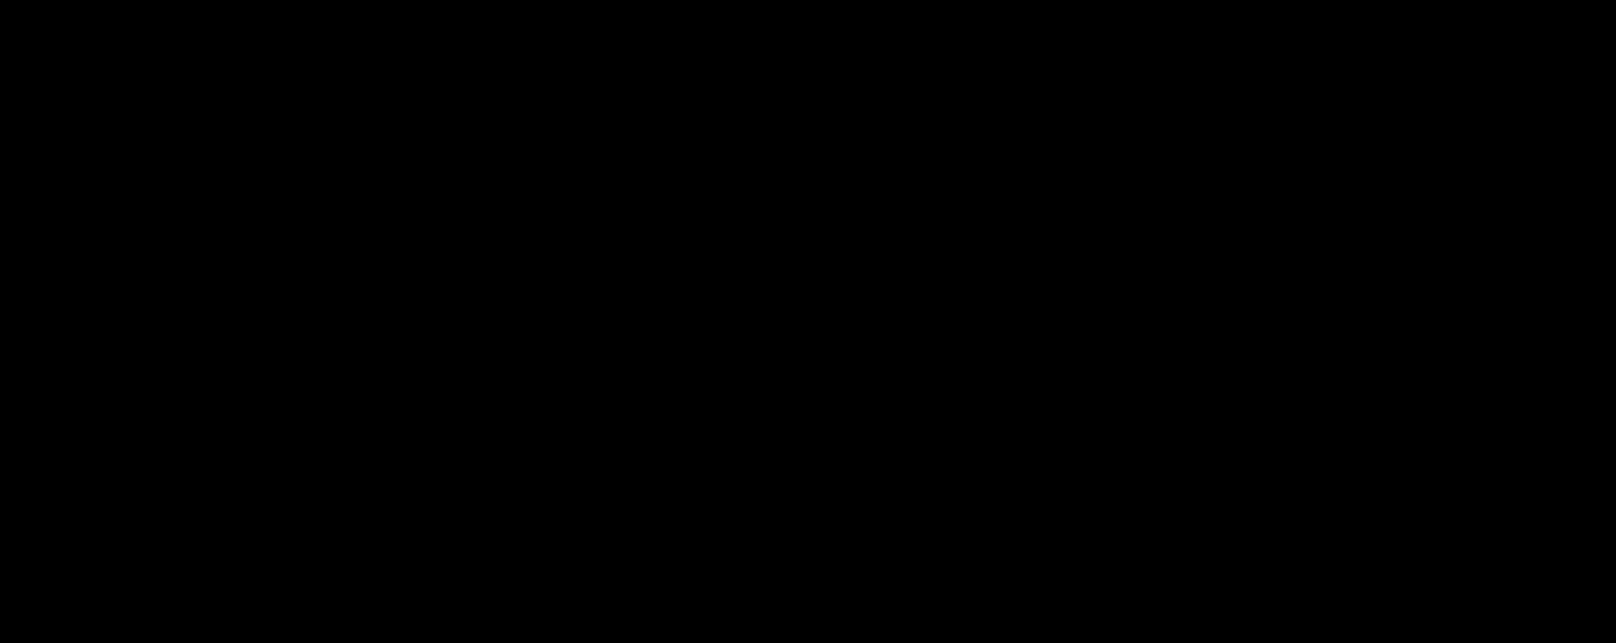 Versatilt-logo.png